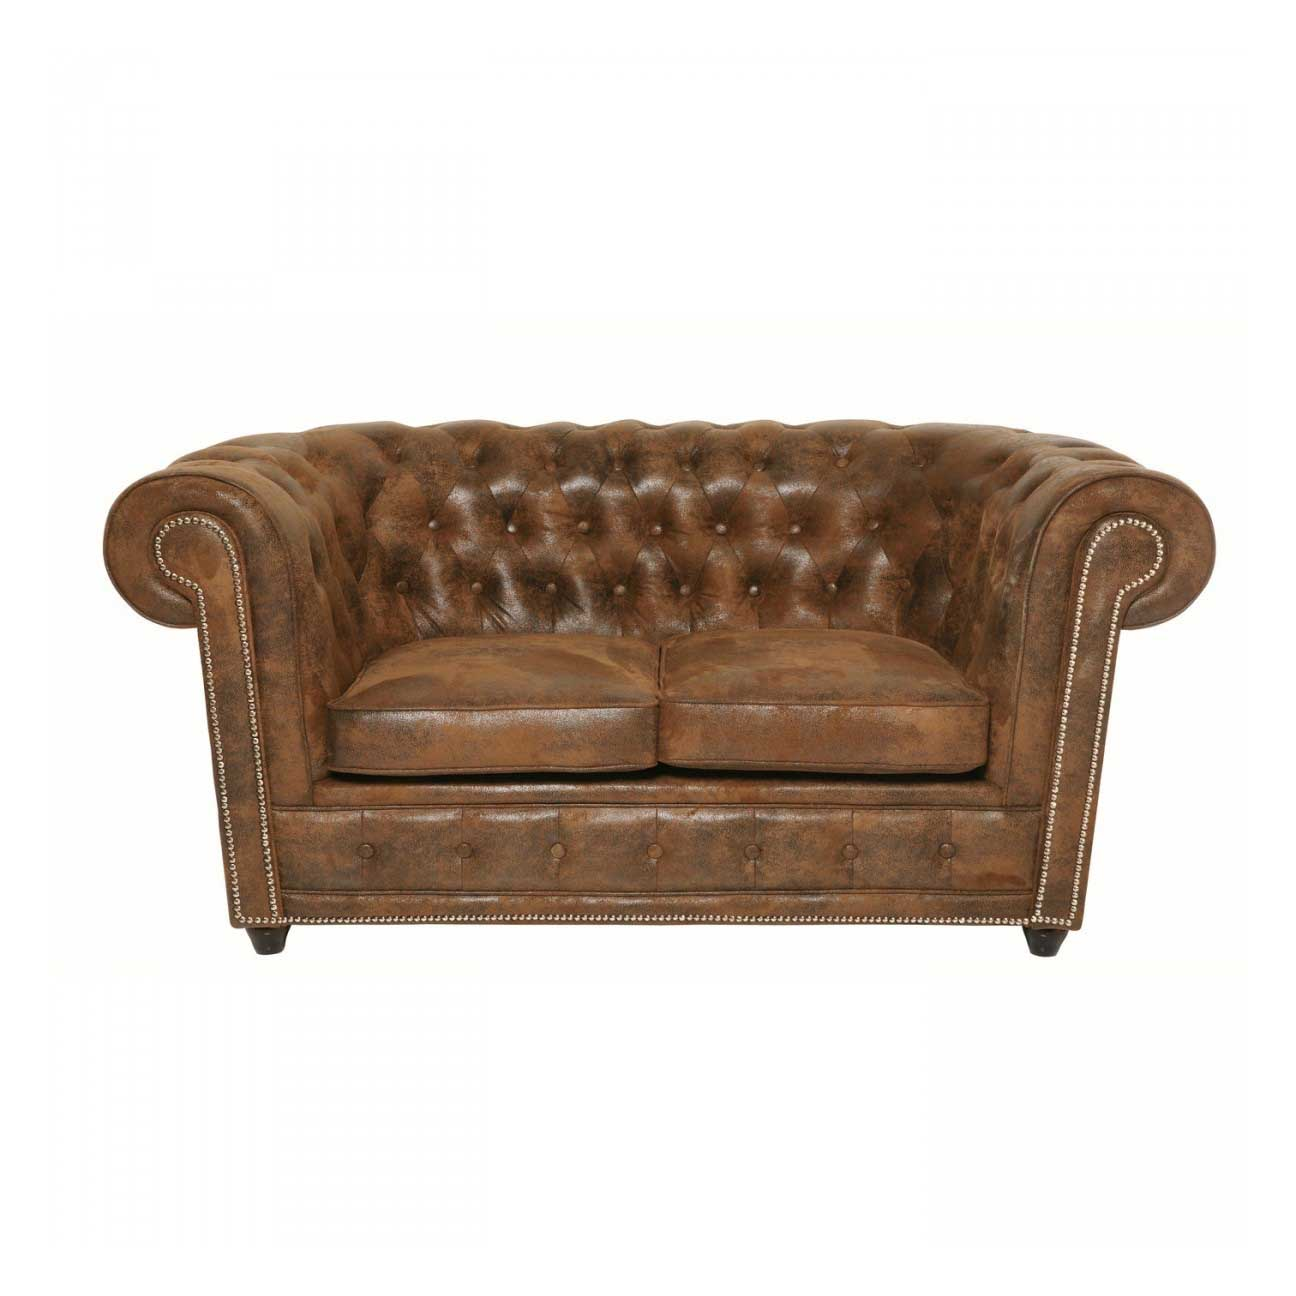 kare design Kare design 2 pers. cambridge vintage smart sofa - brun stof og fyrretræ på boboonline.dk